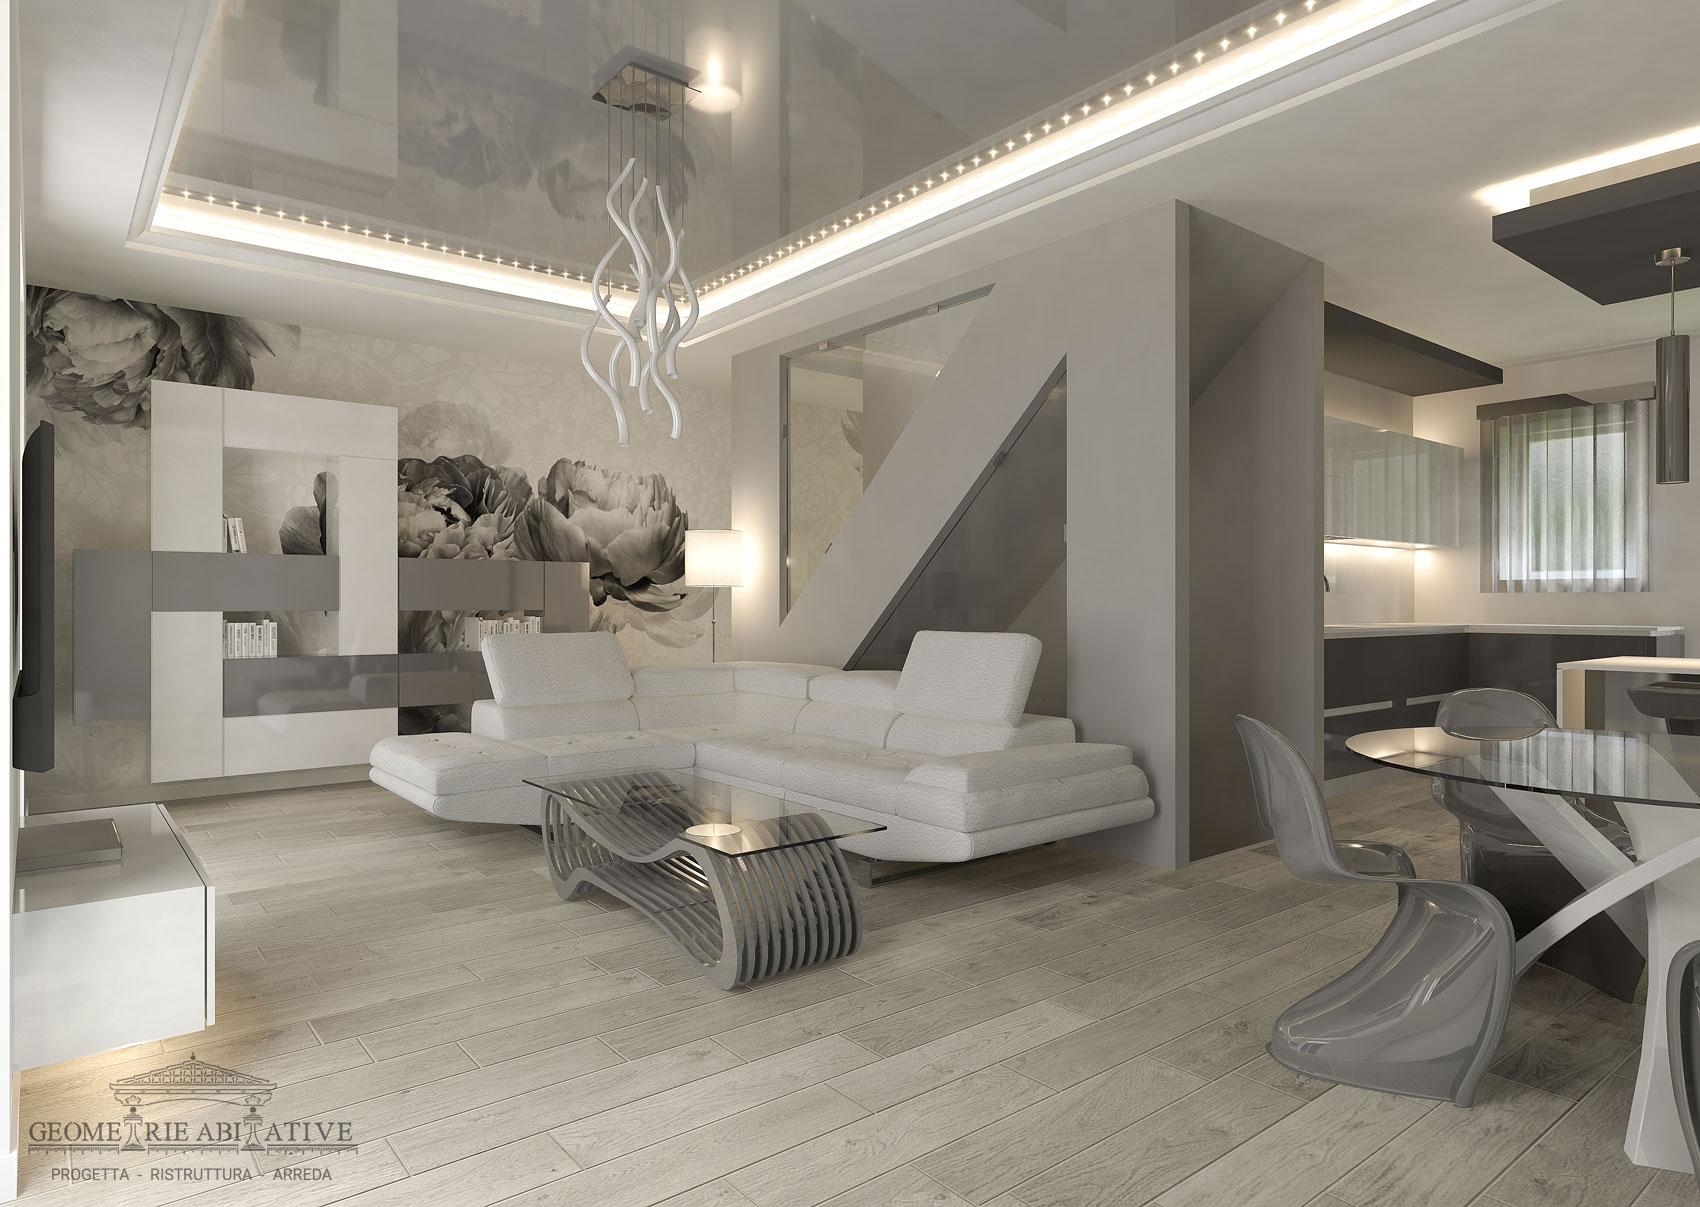 Come arredare casa per ottenere un grande risultato estetico - Aiuto per arredare casa ...